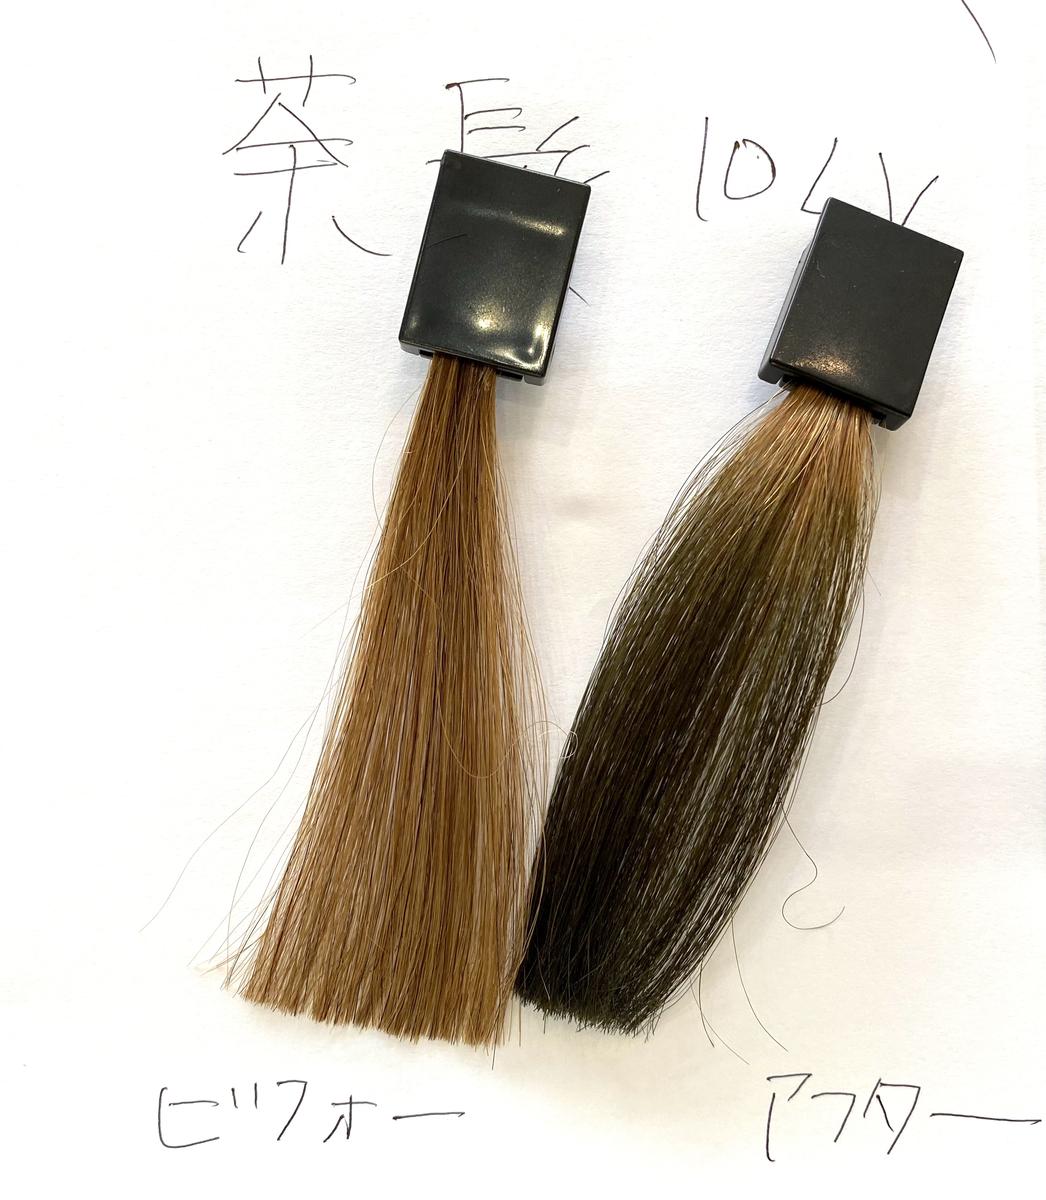 画面左が茶髪で画面右が茶髪にダークシルバーで染めた毛束